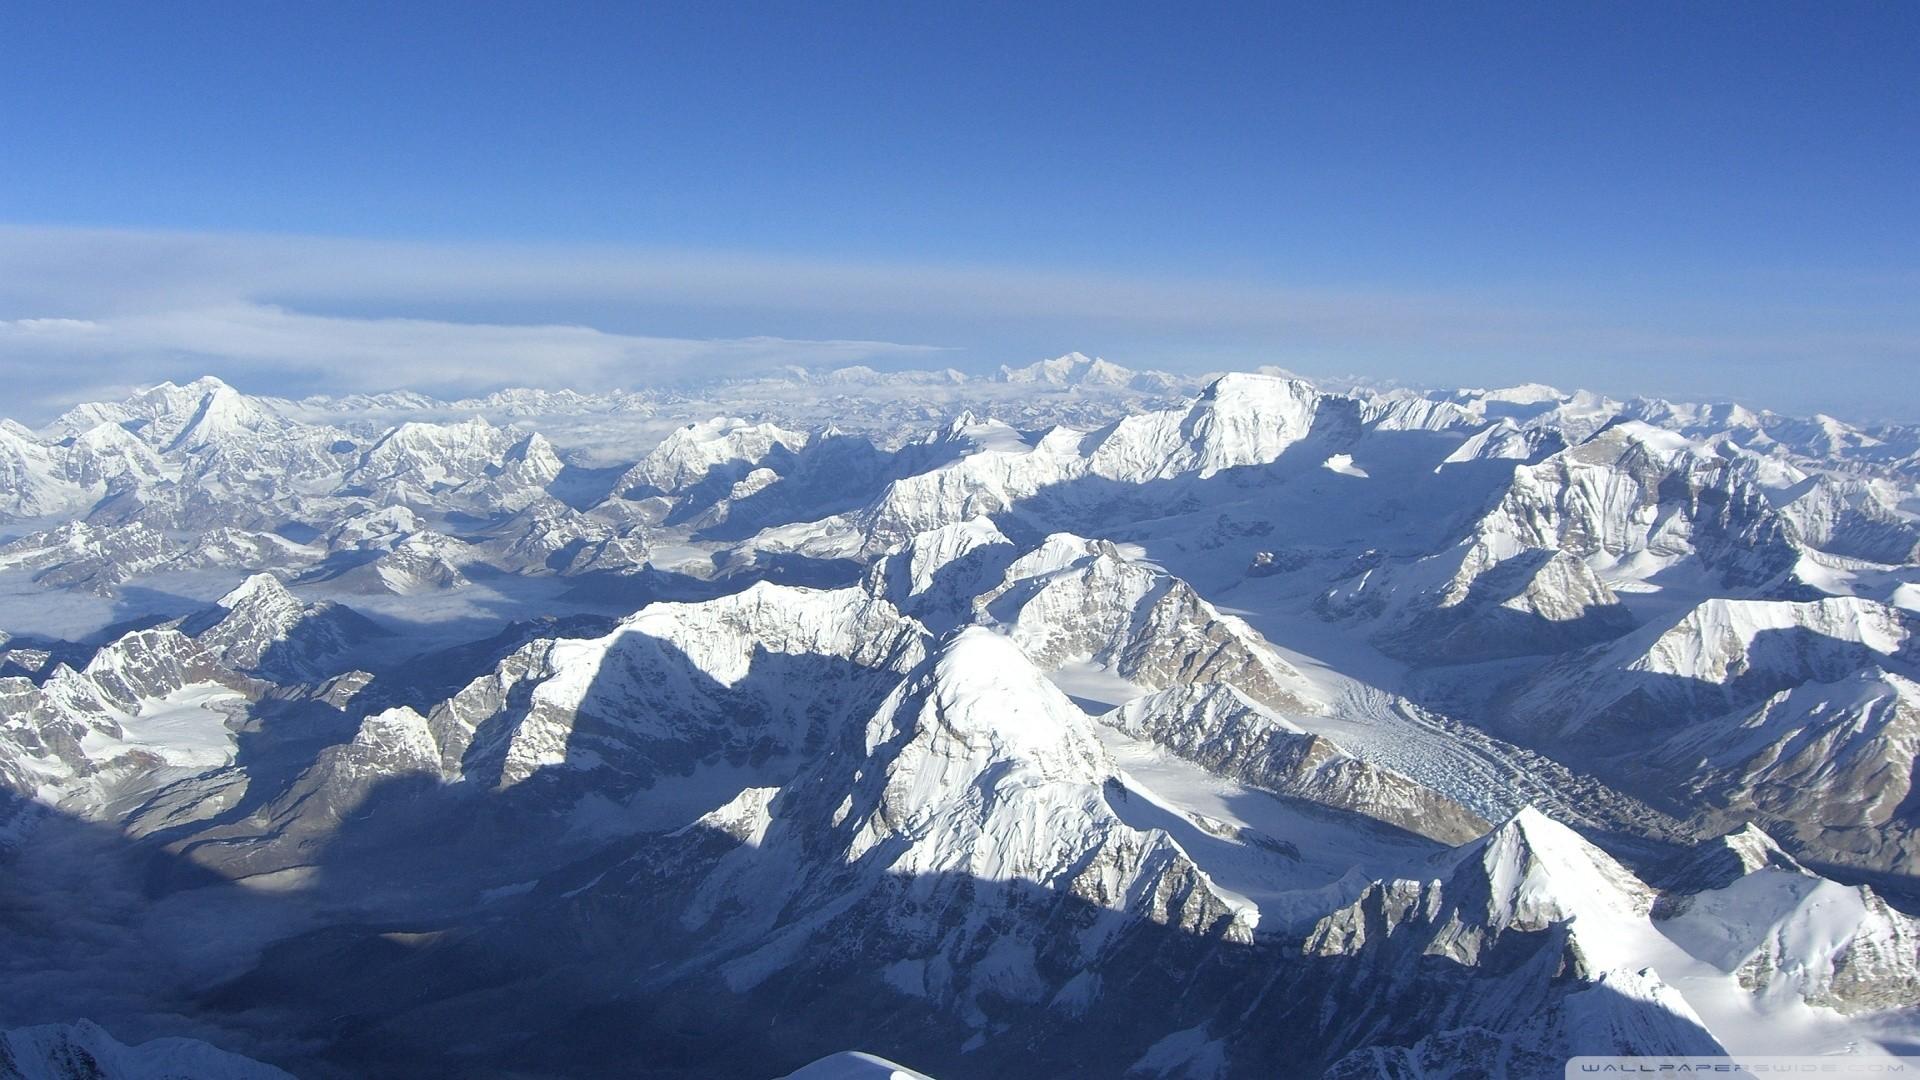 Snowy Mountain Peaks Wallpaper Snowy, Mountain, Peaks